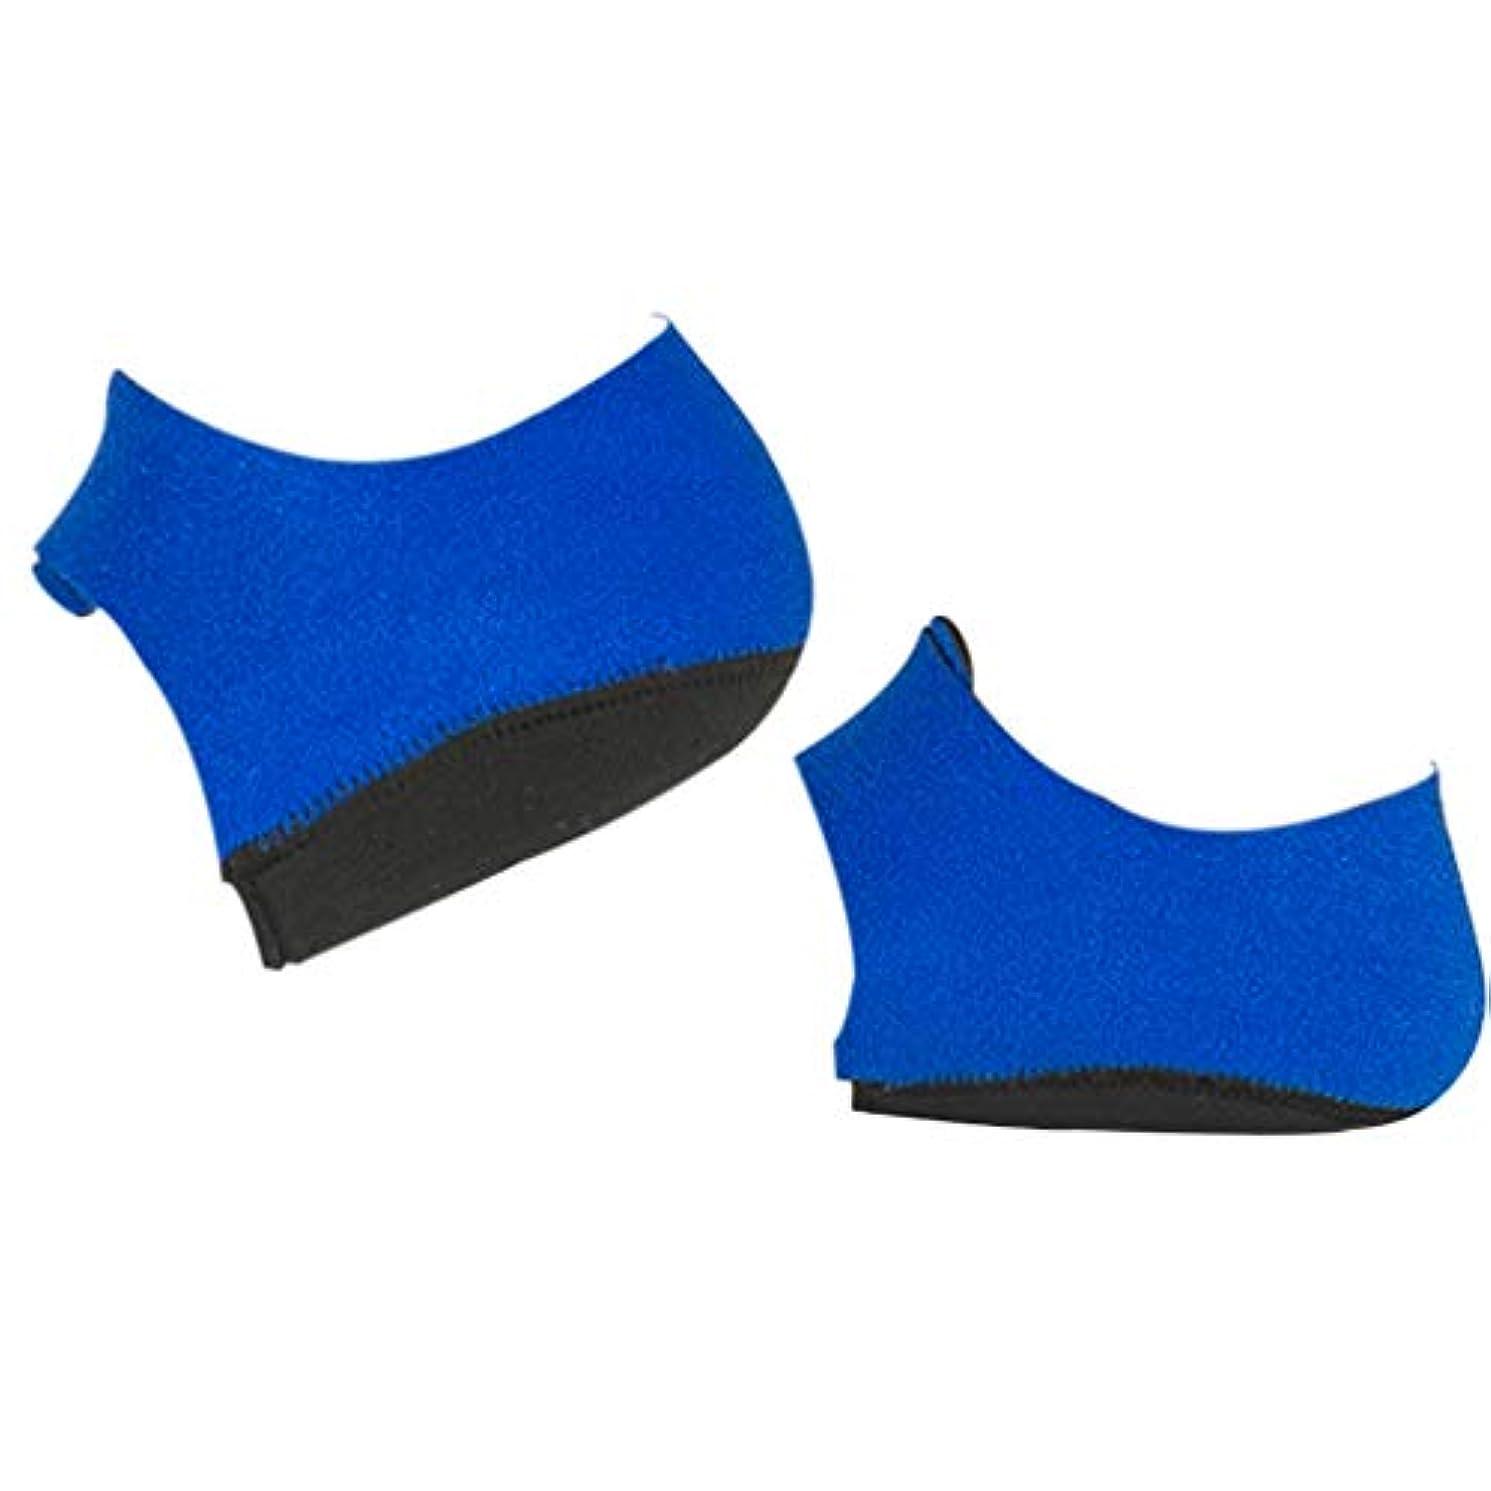 質量パノラマ転倒かかとサポーター 足底筋膜炎 シリコーン フットケア ヒールプロテクター 全2サイズ - L